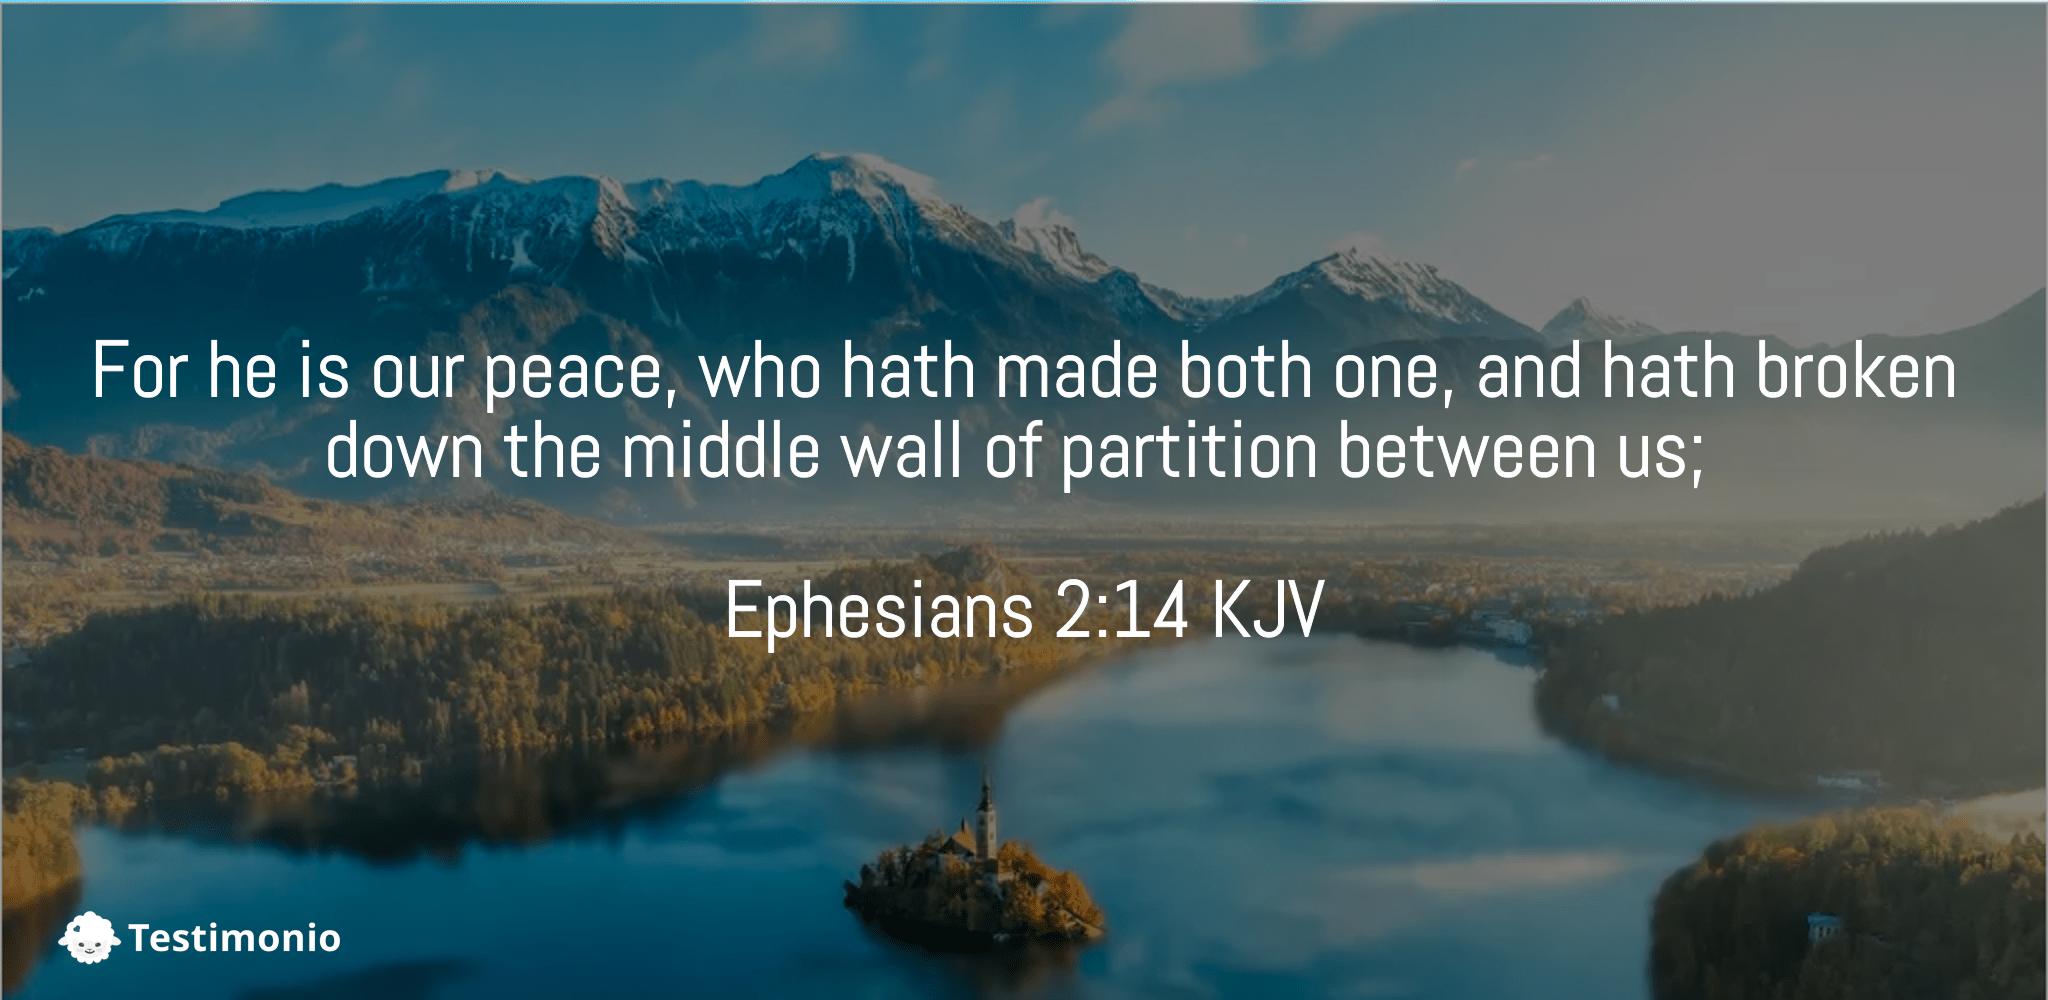 Ephesians 2:14